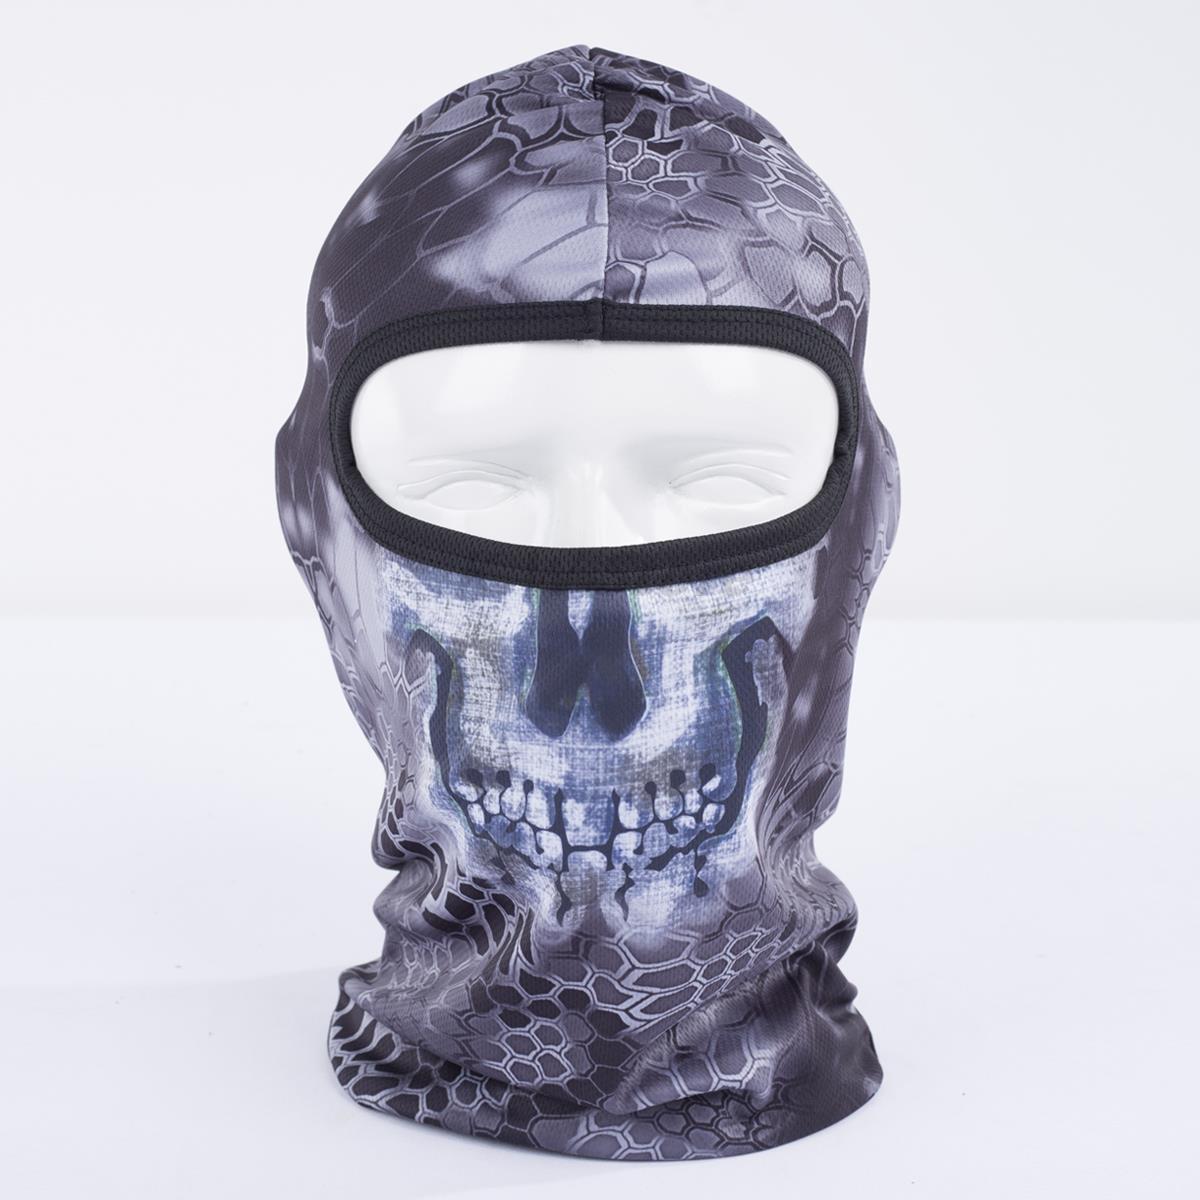 ⊰Calentador del Invierno Polar Cara máscara esquí snowboard capucha ...